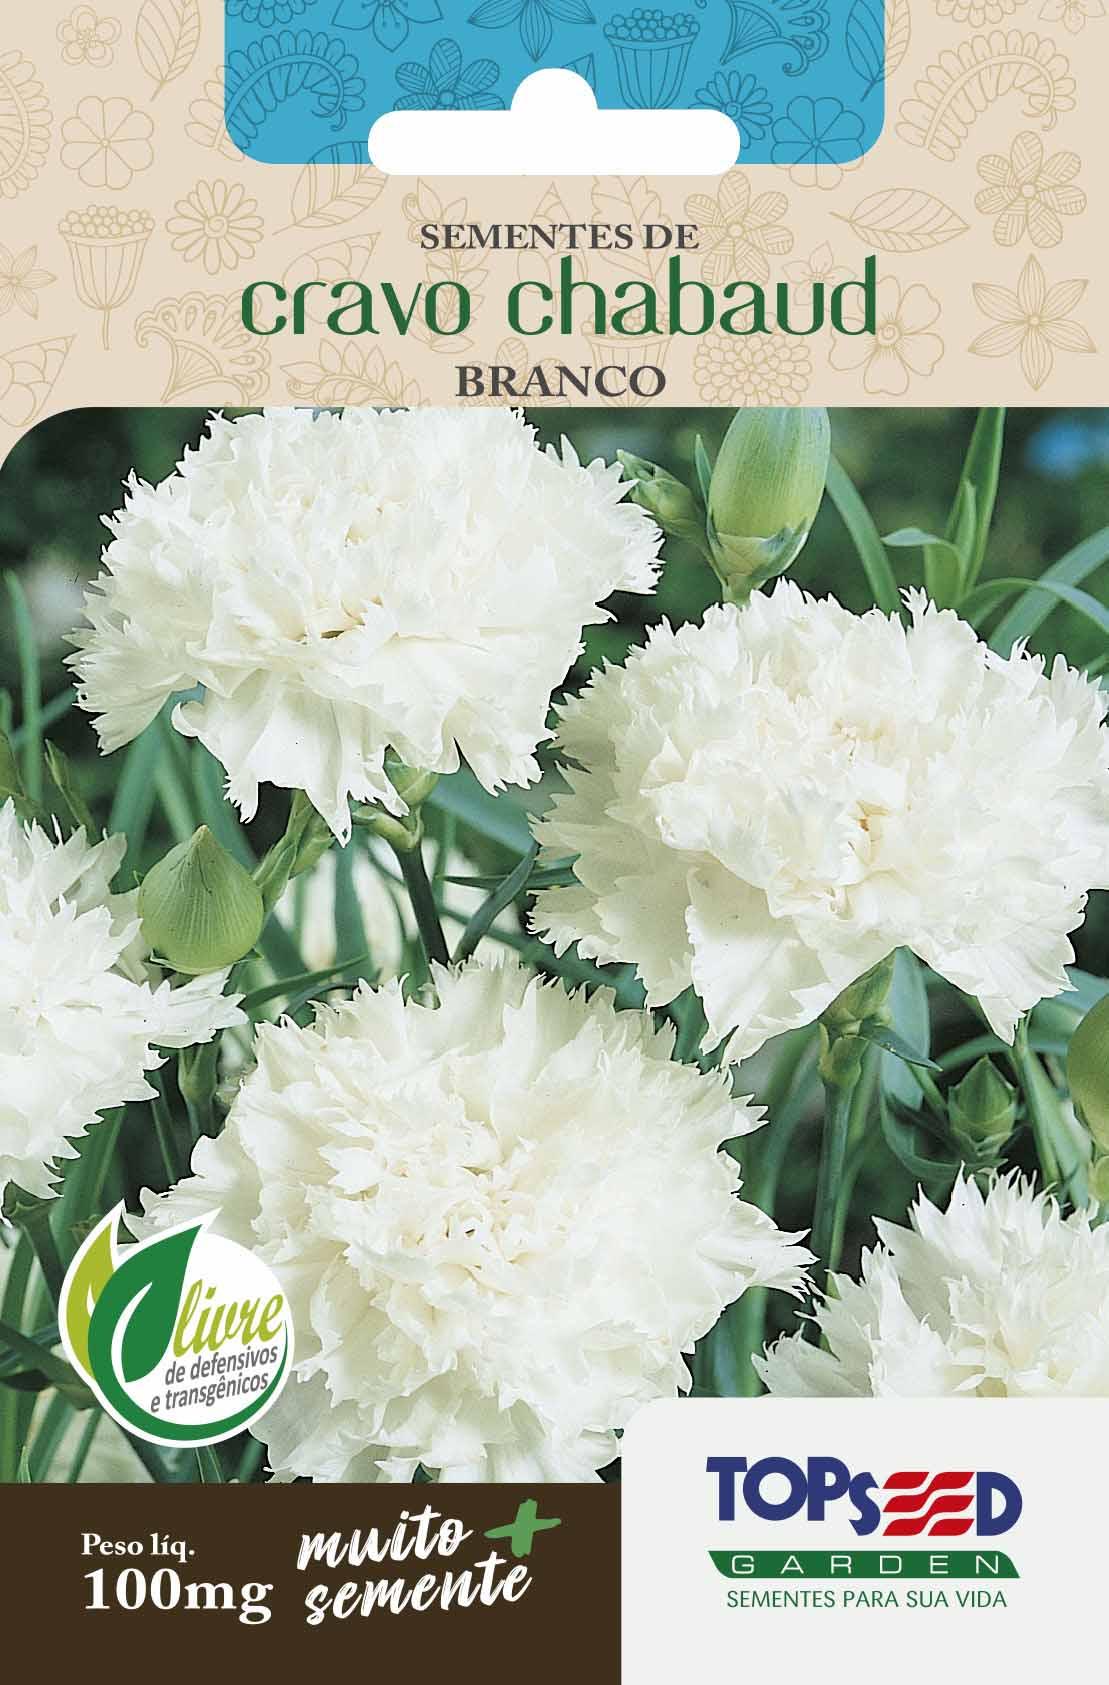 Sementes de Cravo Chabaud Branco 100mg - Topseed Linha Tradicional Flores